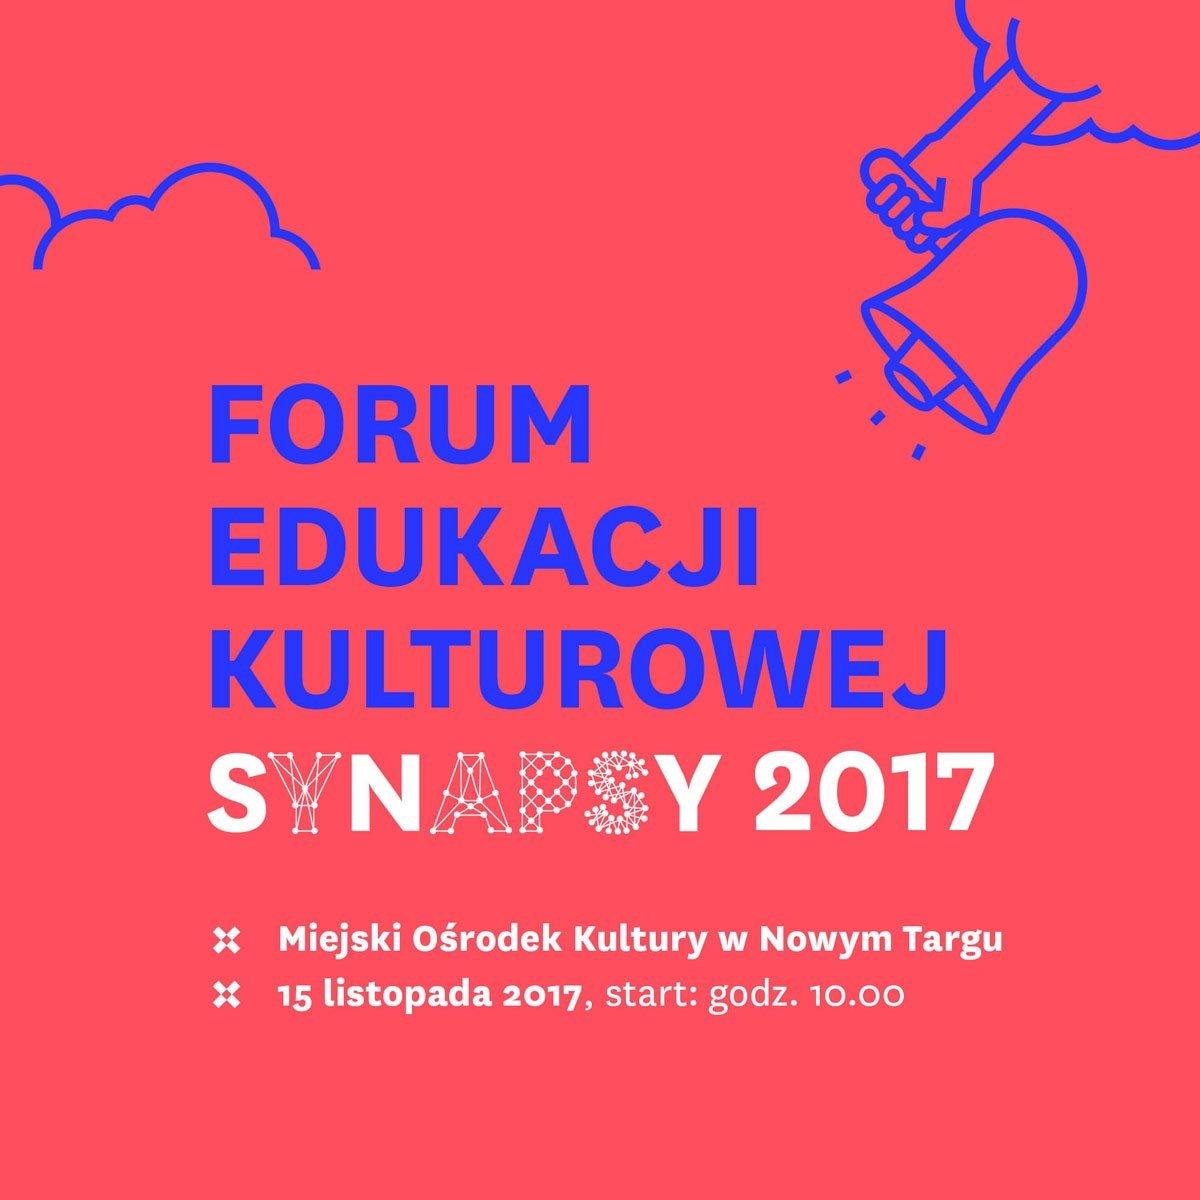 Forum Edukacji Kulturowej w Nowym Targu